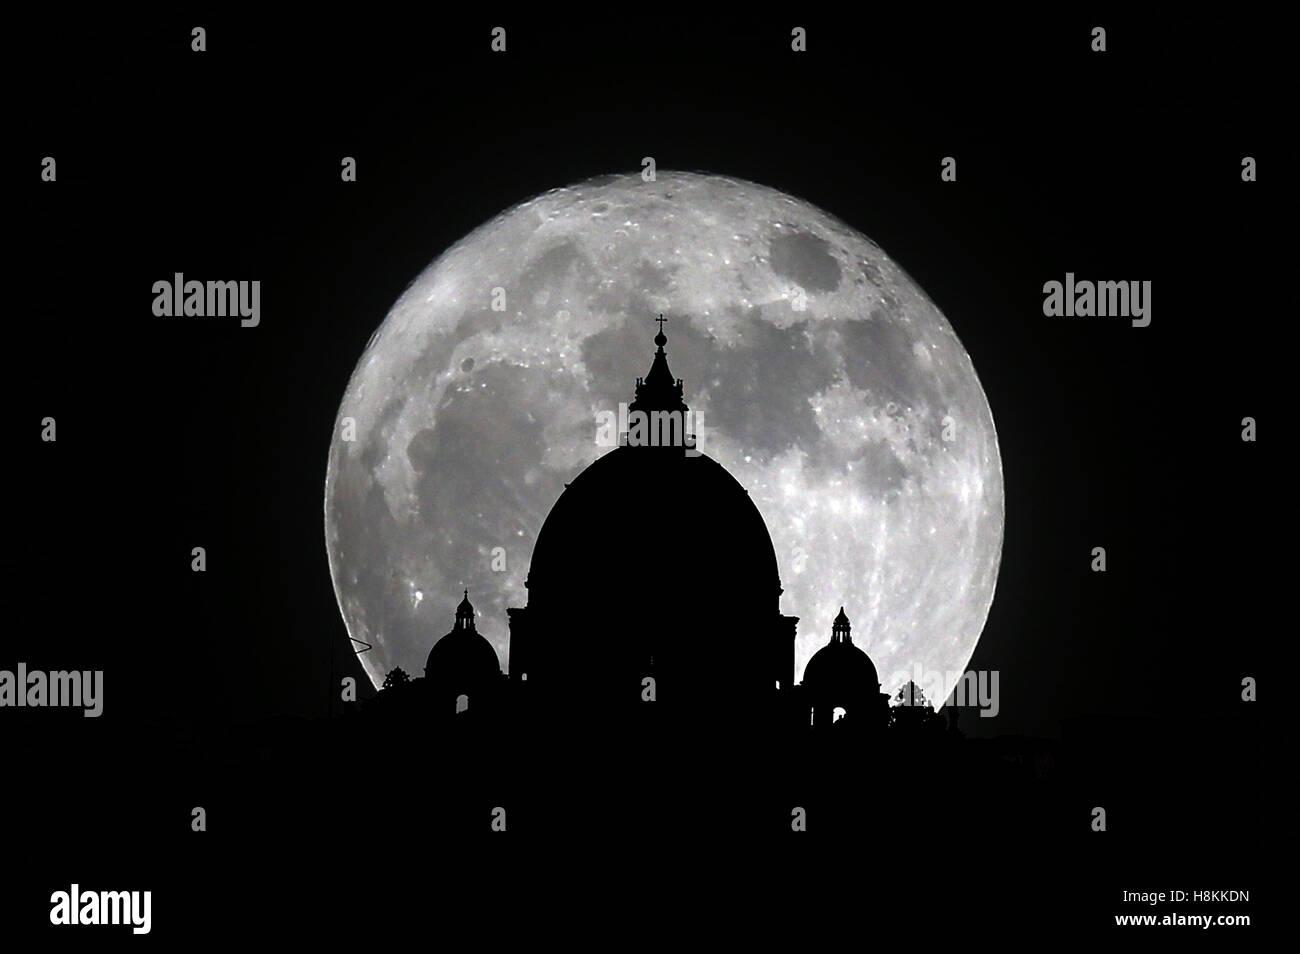 Roma, Italia. 14 de noviembre, 2016:El asombroso acontecimiento astronómico de la super luna, que se repite Imagen De Stock